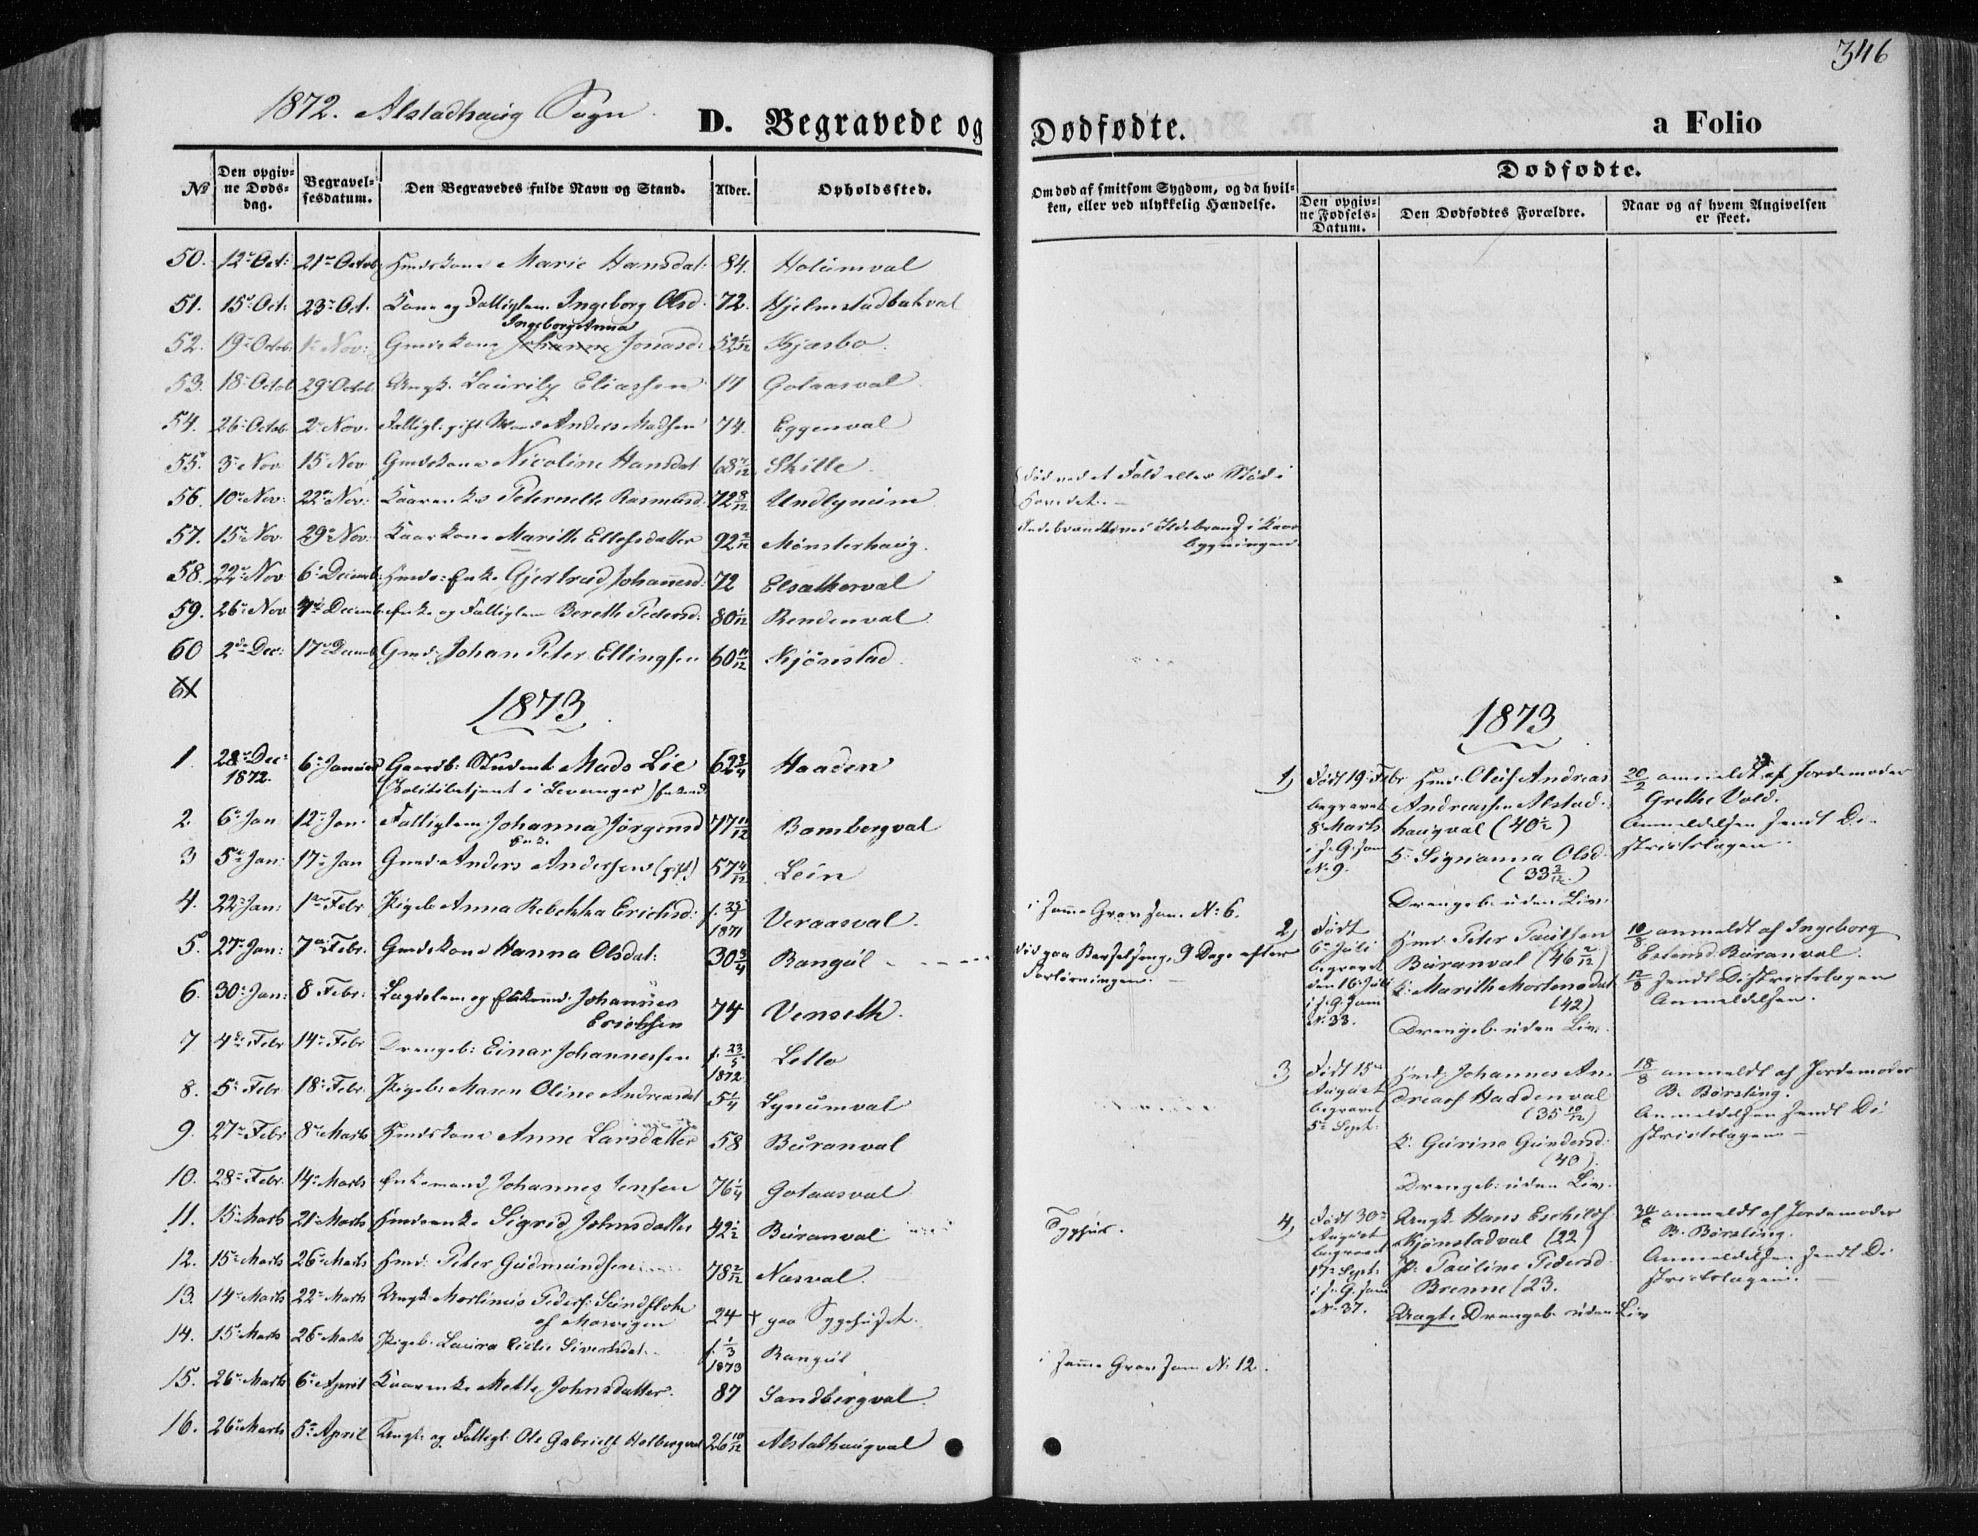 SAT, Ministerialprotokoller, klokkerbøker og fødselsregistre - Nord-Trøndelag, 717/L0157: Ministerialbok nr. 717A08 /1, 1863-1877, s. 346